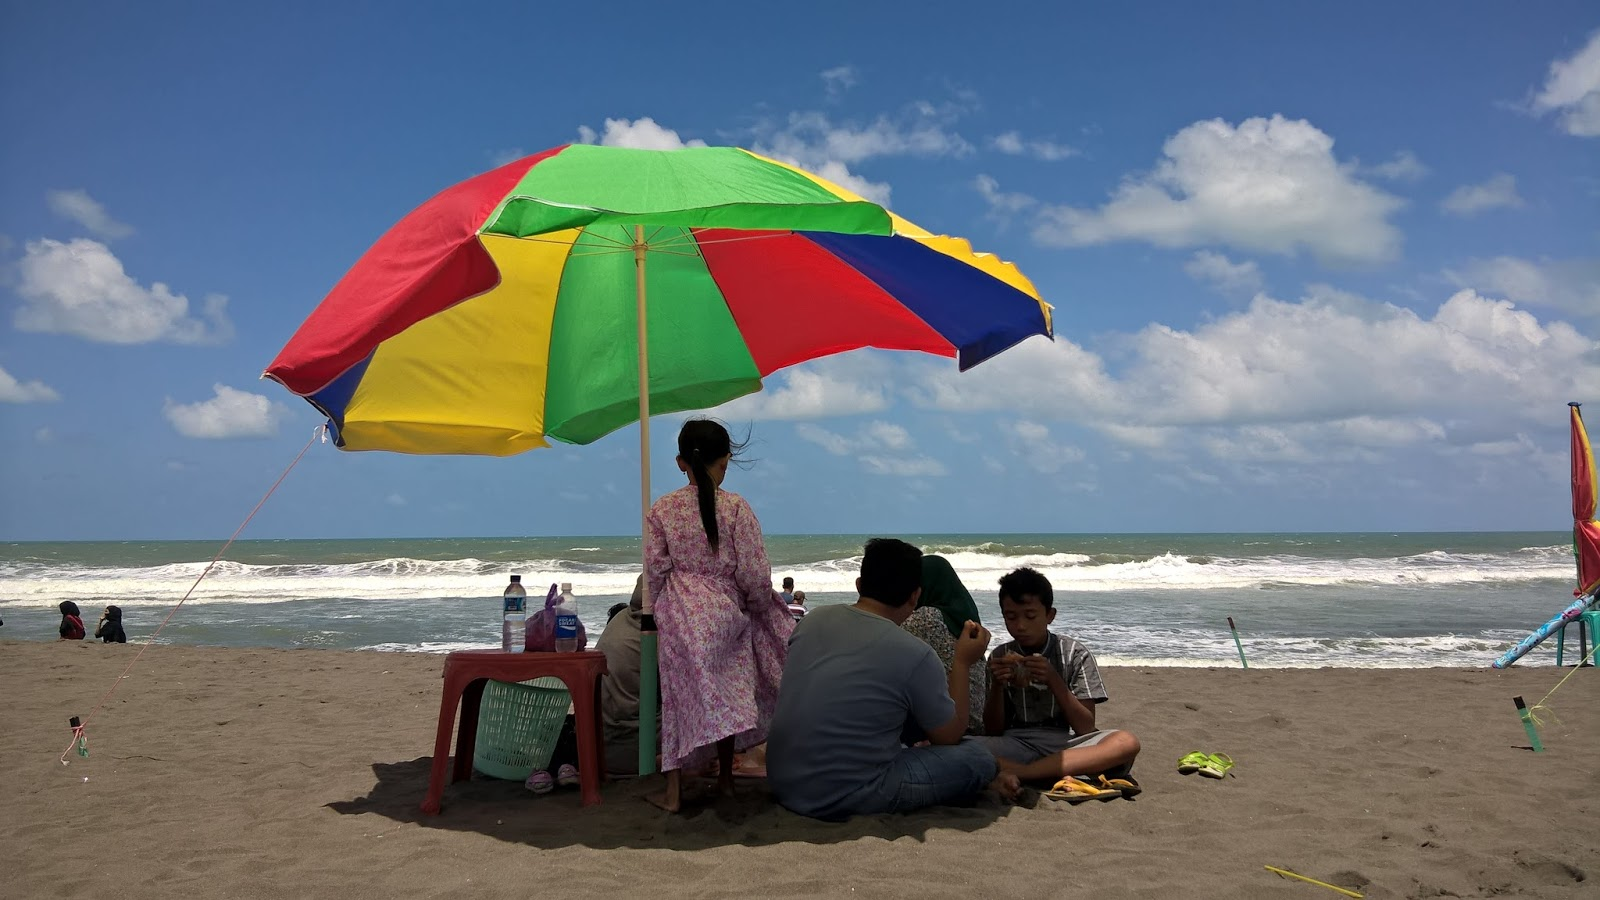 Pantai Setrojenar Kebumen Djangkaru Bumi Berkunjung Bocor Dikenakan Tiket Parkir